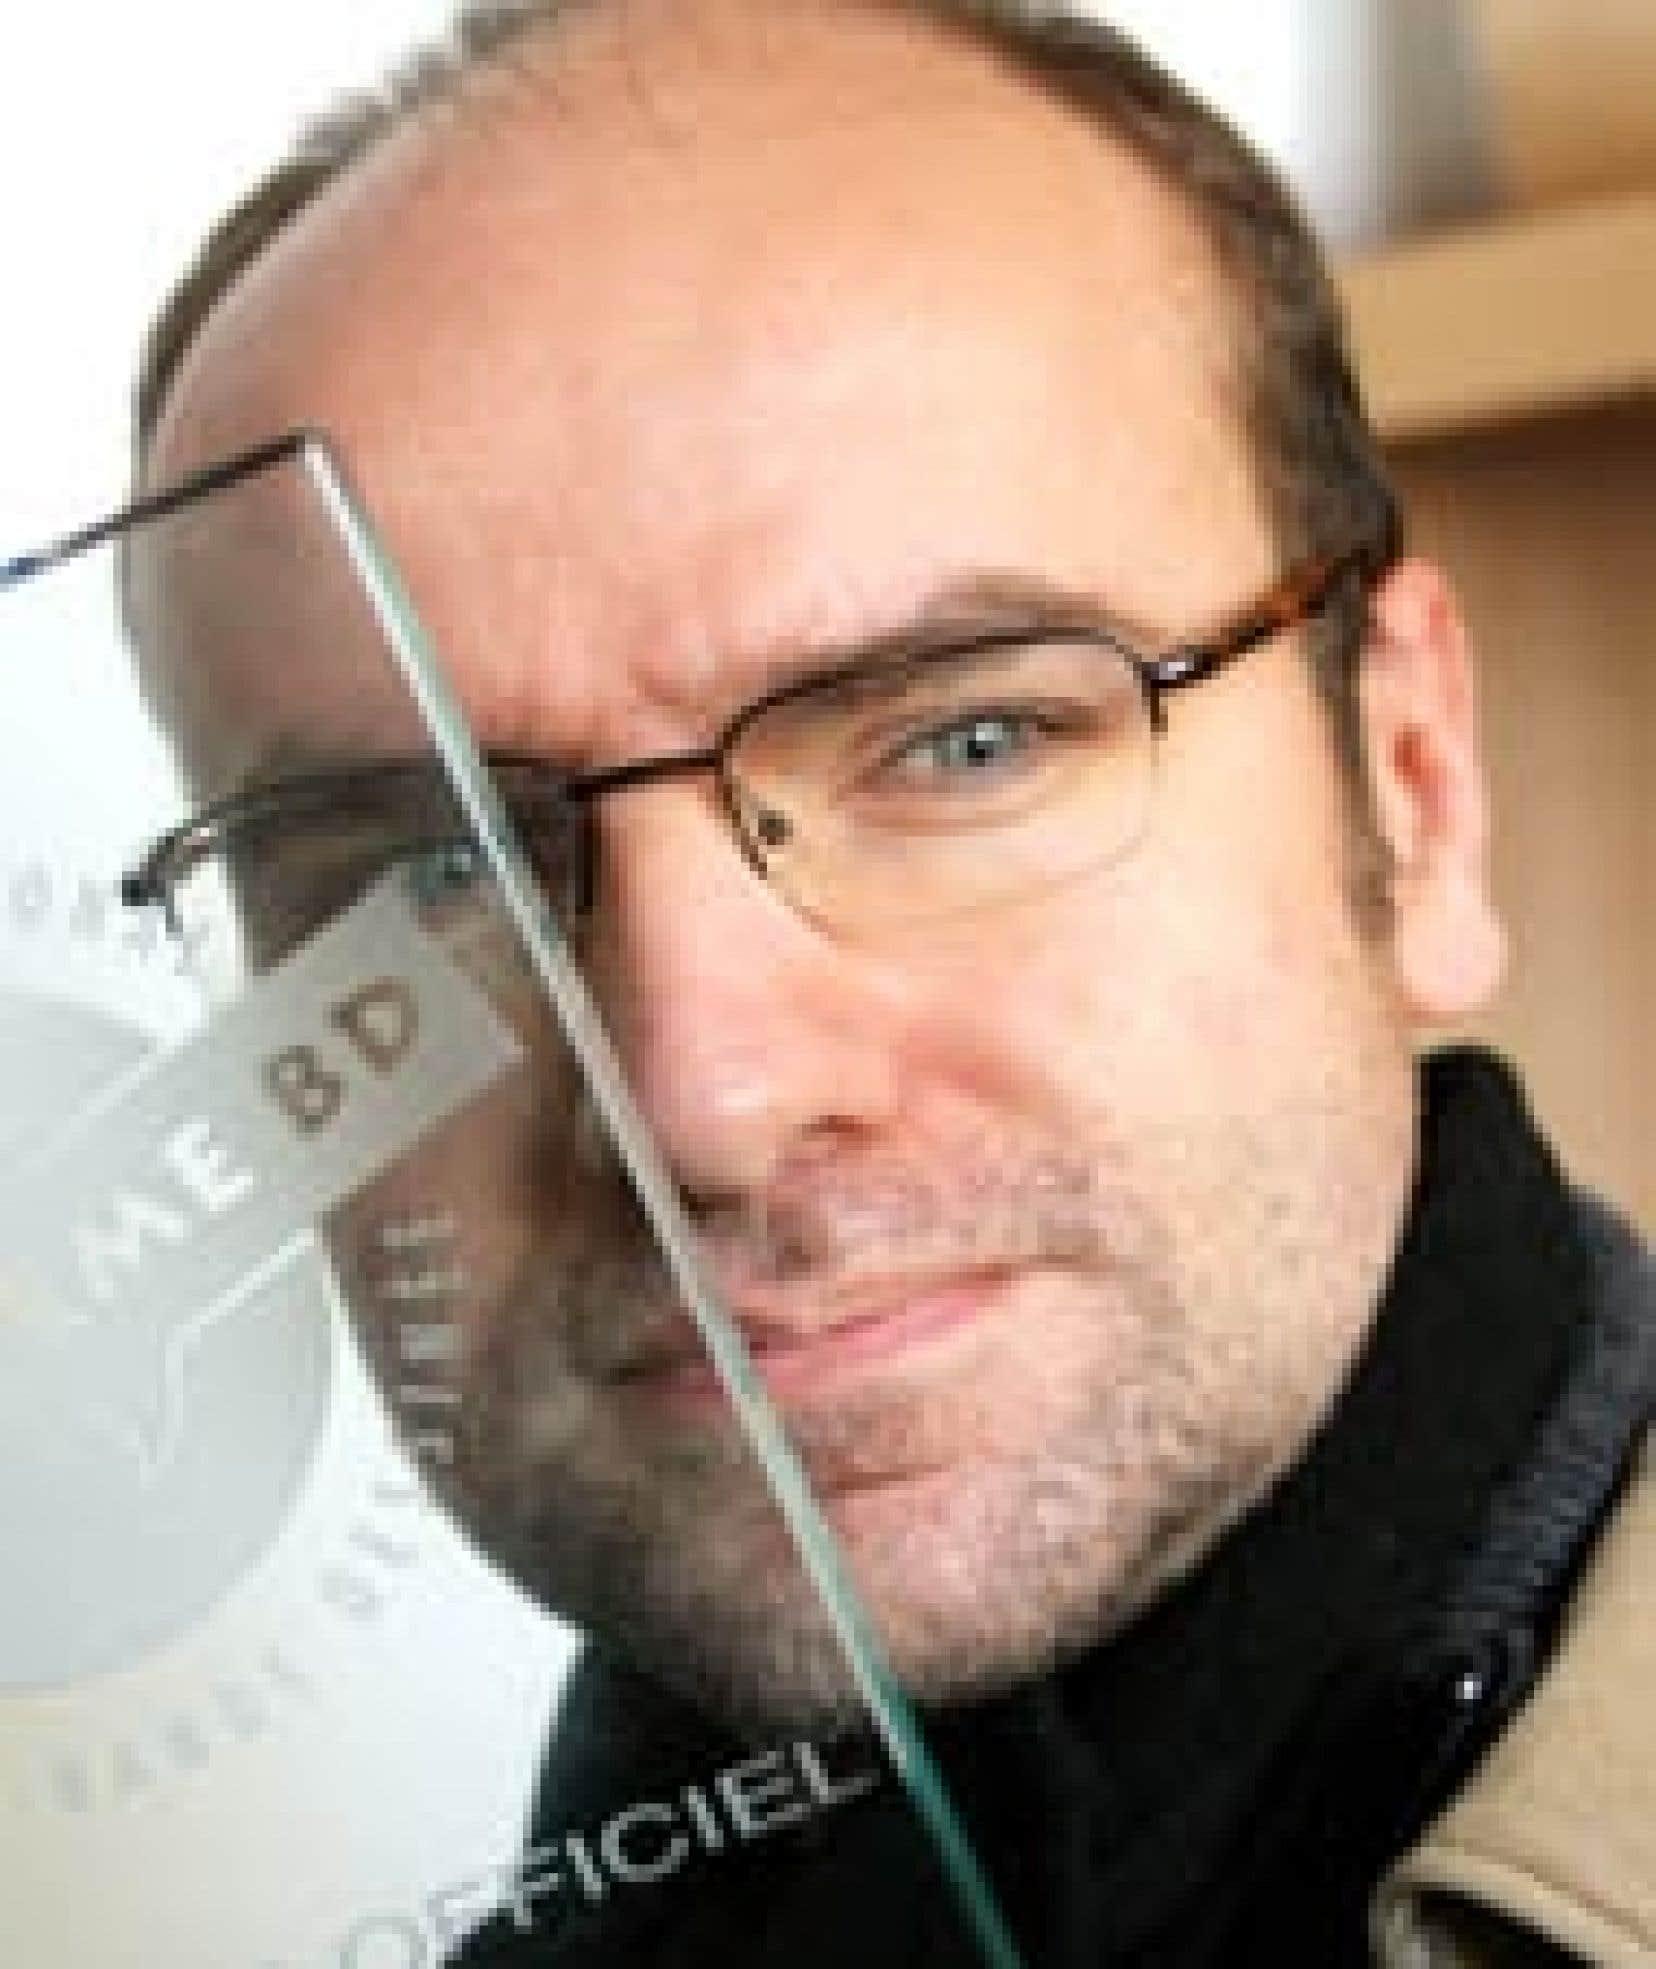 ALBERTO BOCOS GIL Le Français Lewis Trondheim a rejoint le club très fermé des «Grands» de la bande dessinée après avoir reçu le Grand prix de la ville d'Angoulême pour l'ensemble de son oeuvre.